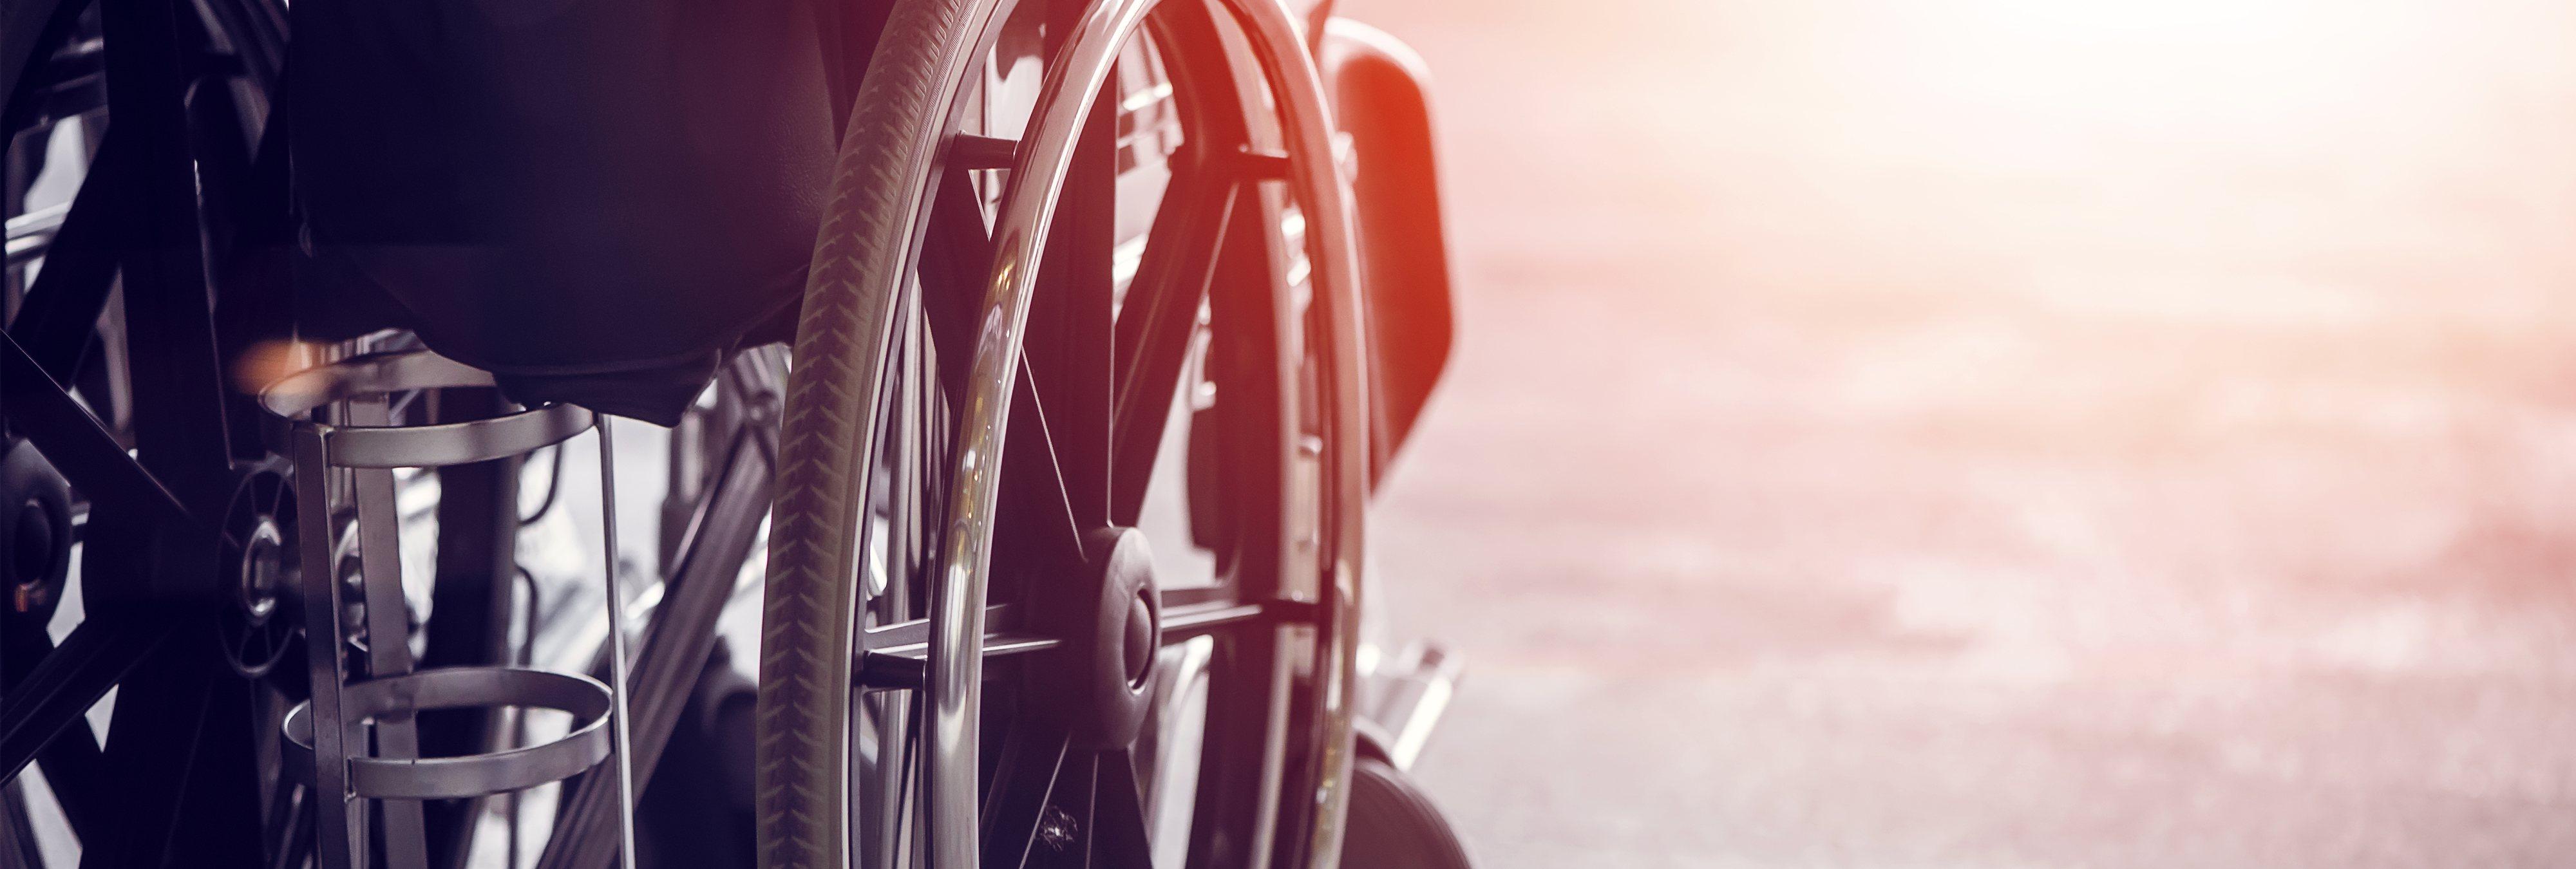 Devotos: sexo con personas en silla de ruedas o con amputados